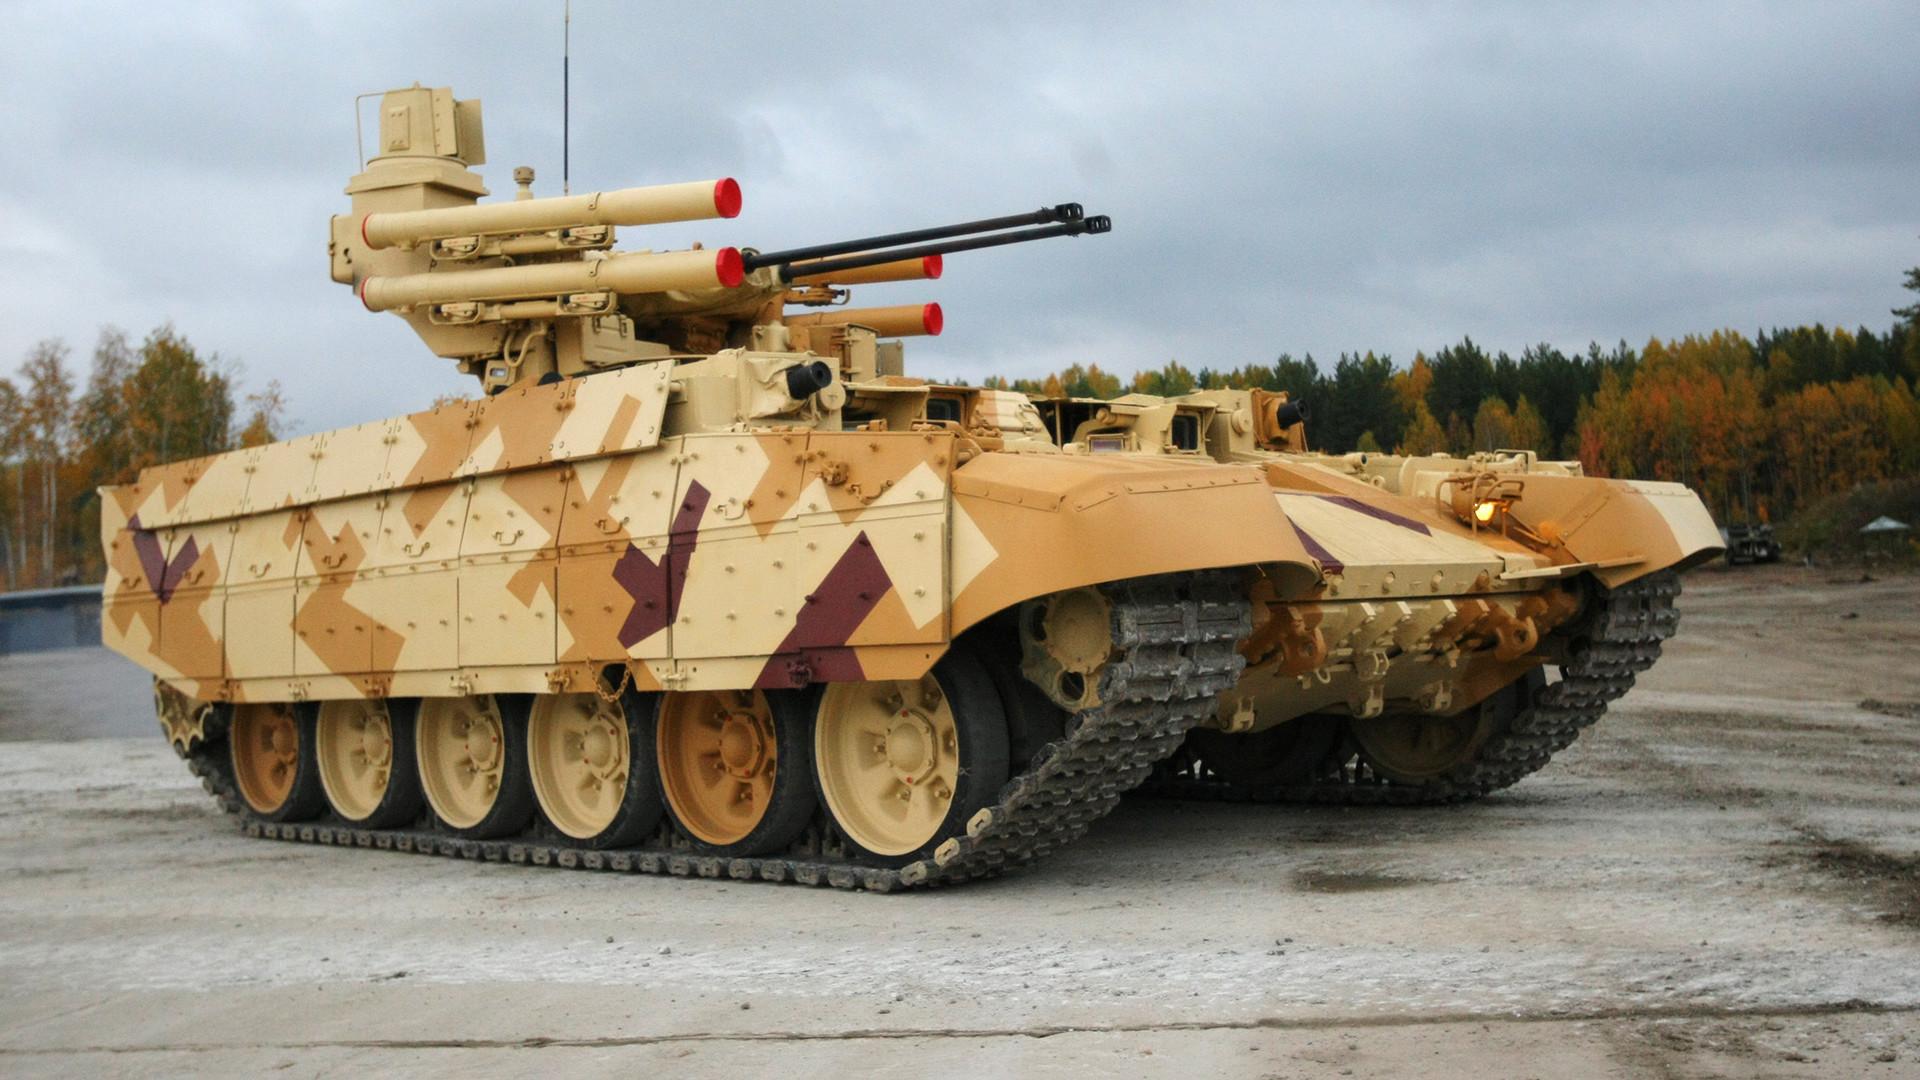 Borbeno vozilo za potporu tenkovima na Devetoj međunarodnoj izložbi naoružanja, vojne tehnike i streljiva u Nižnjem Tagilu 2013.